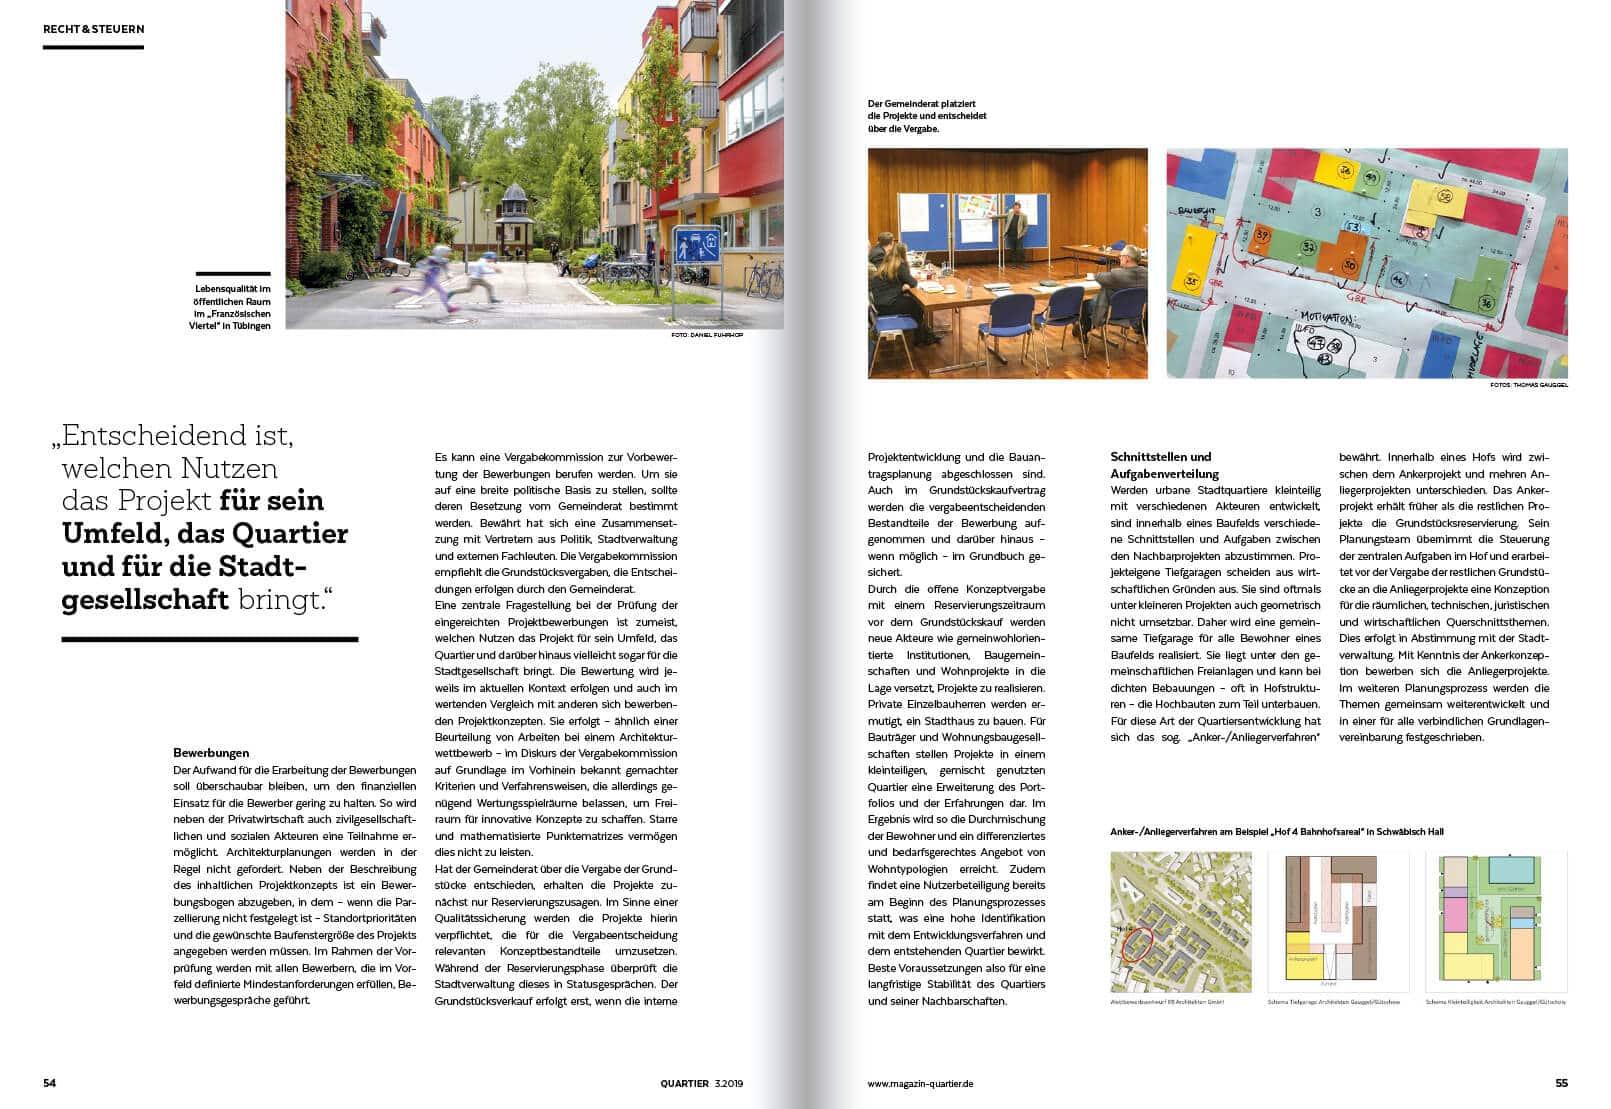 2019-08 Offene Konzeptvergabe in der Stadtentwicklung 2